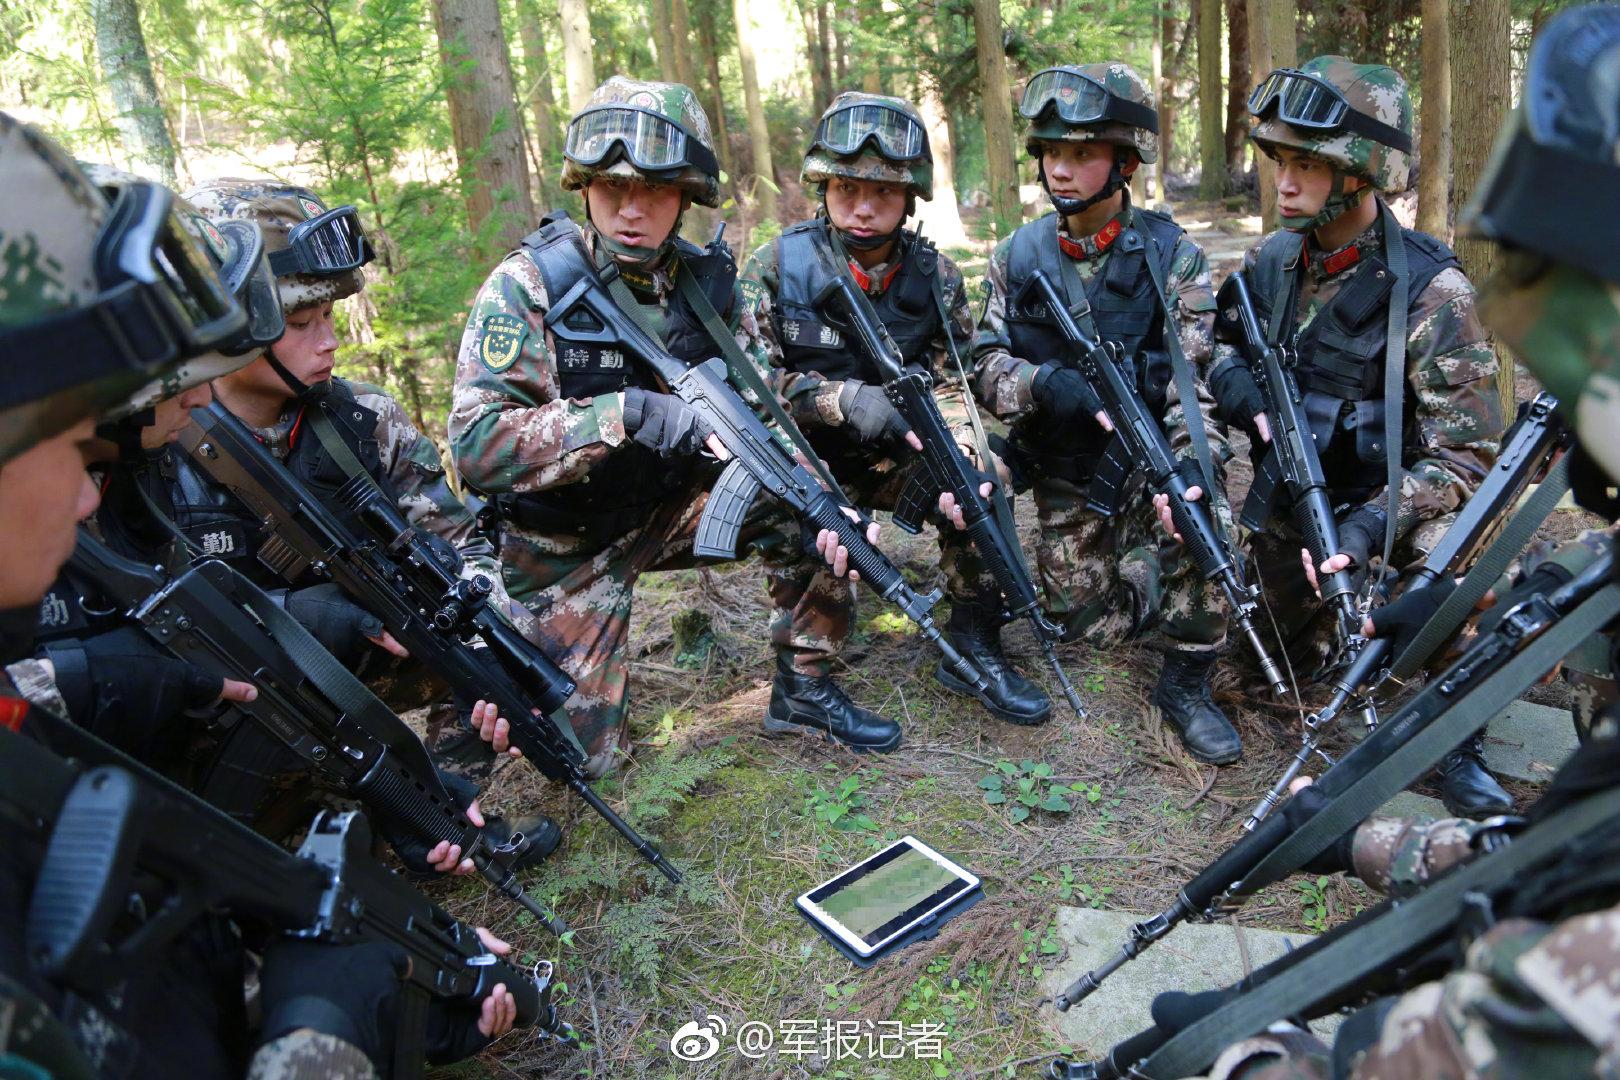 北京将逐步限流开放会展、体育赛事、演出活动和电影院